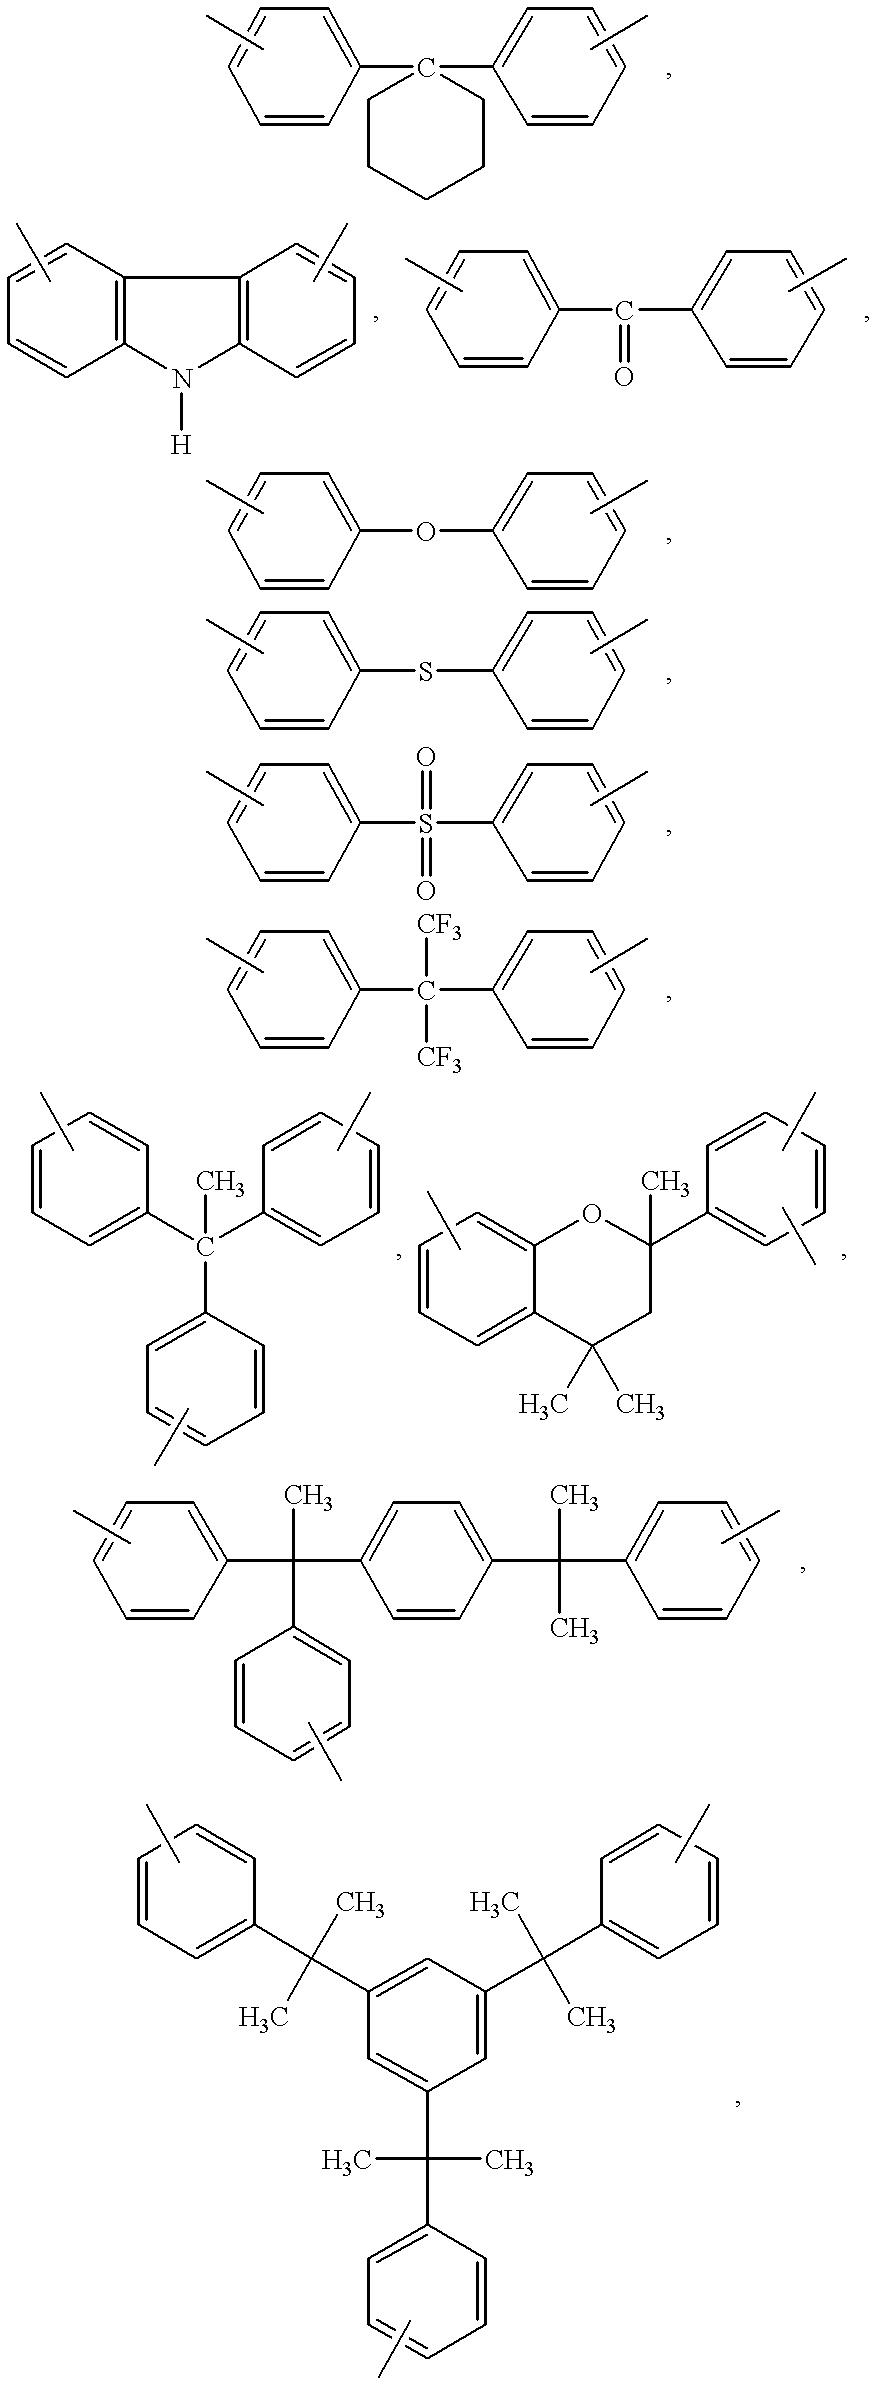 Figure US06309796-20011030-C00025